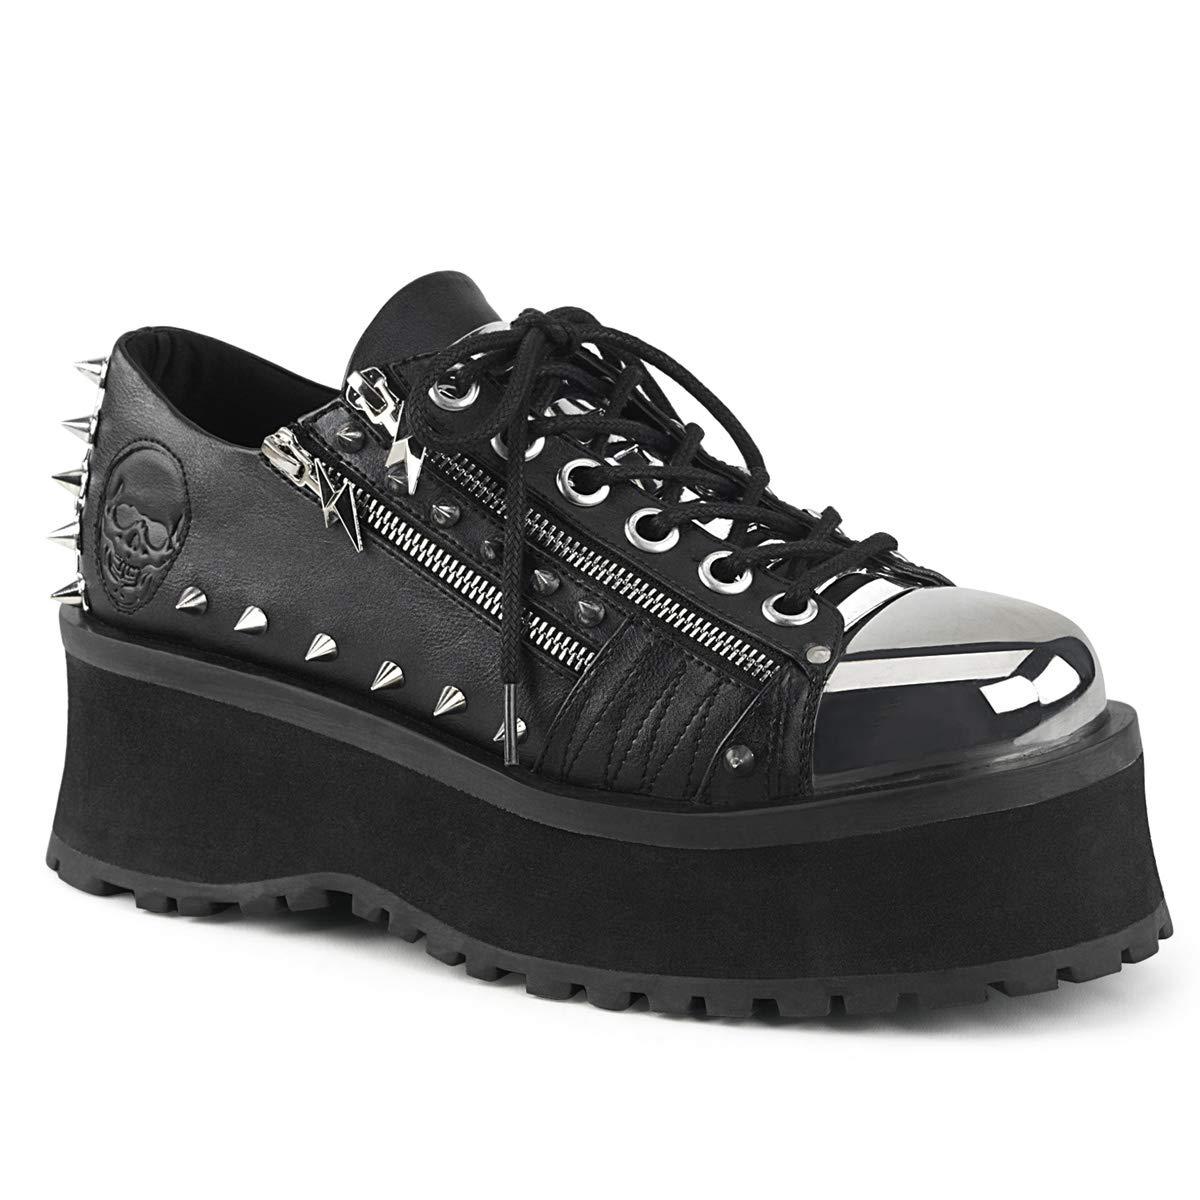 Schwarz Demonia Herren Platform Oxford Schnrer Gravedigger-04 schwarz schwarz schwarz vegan Leather d02